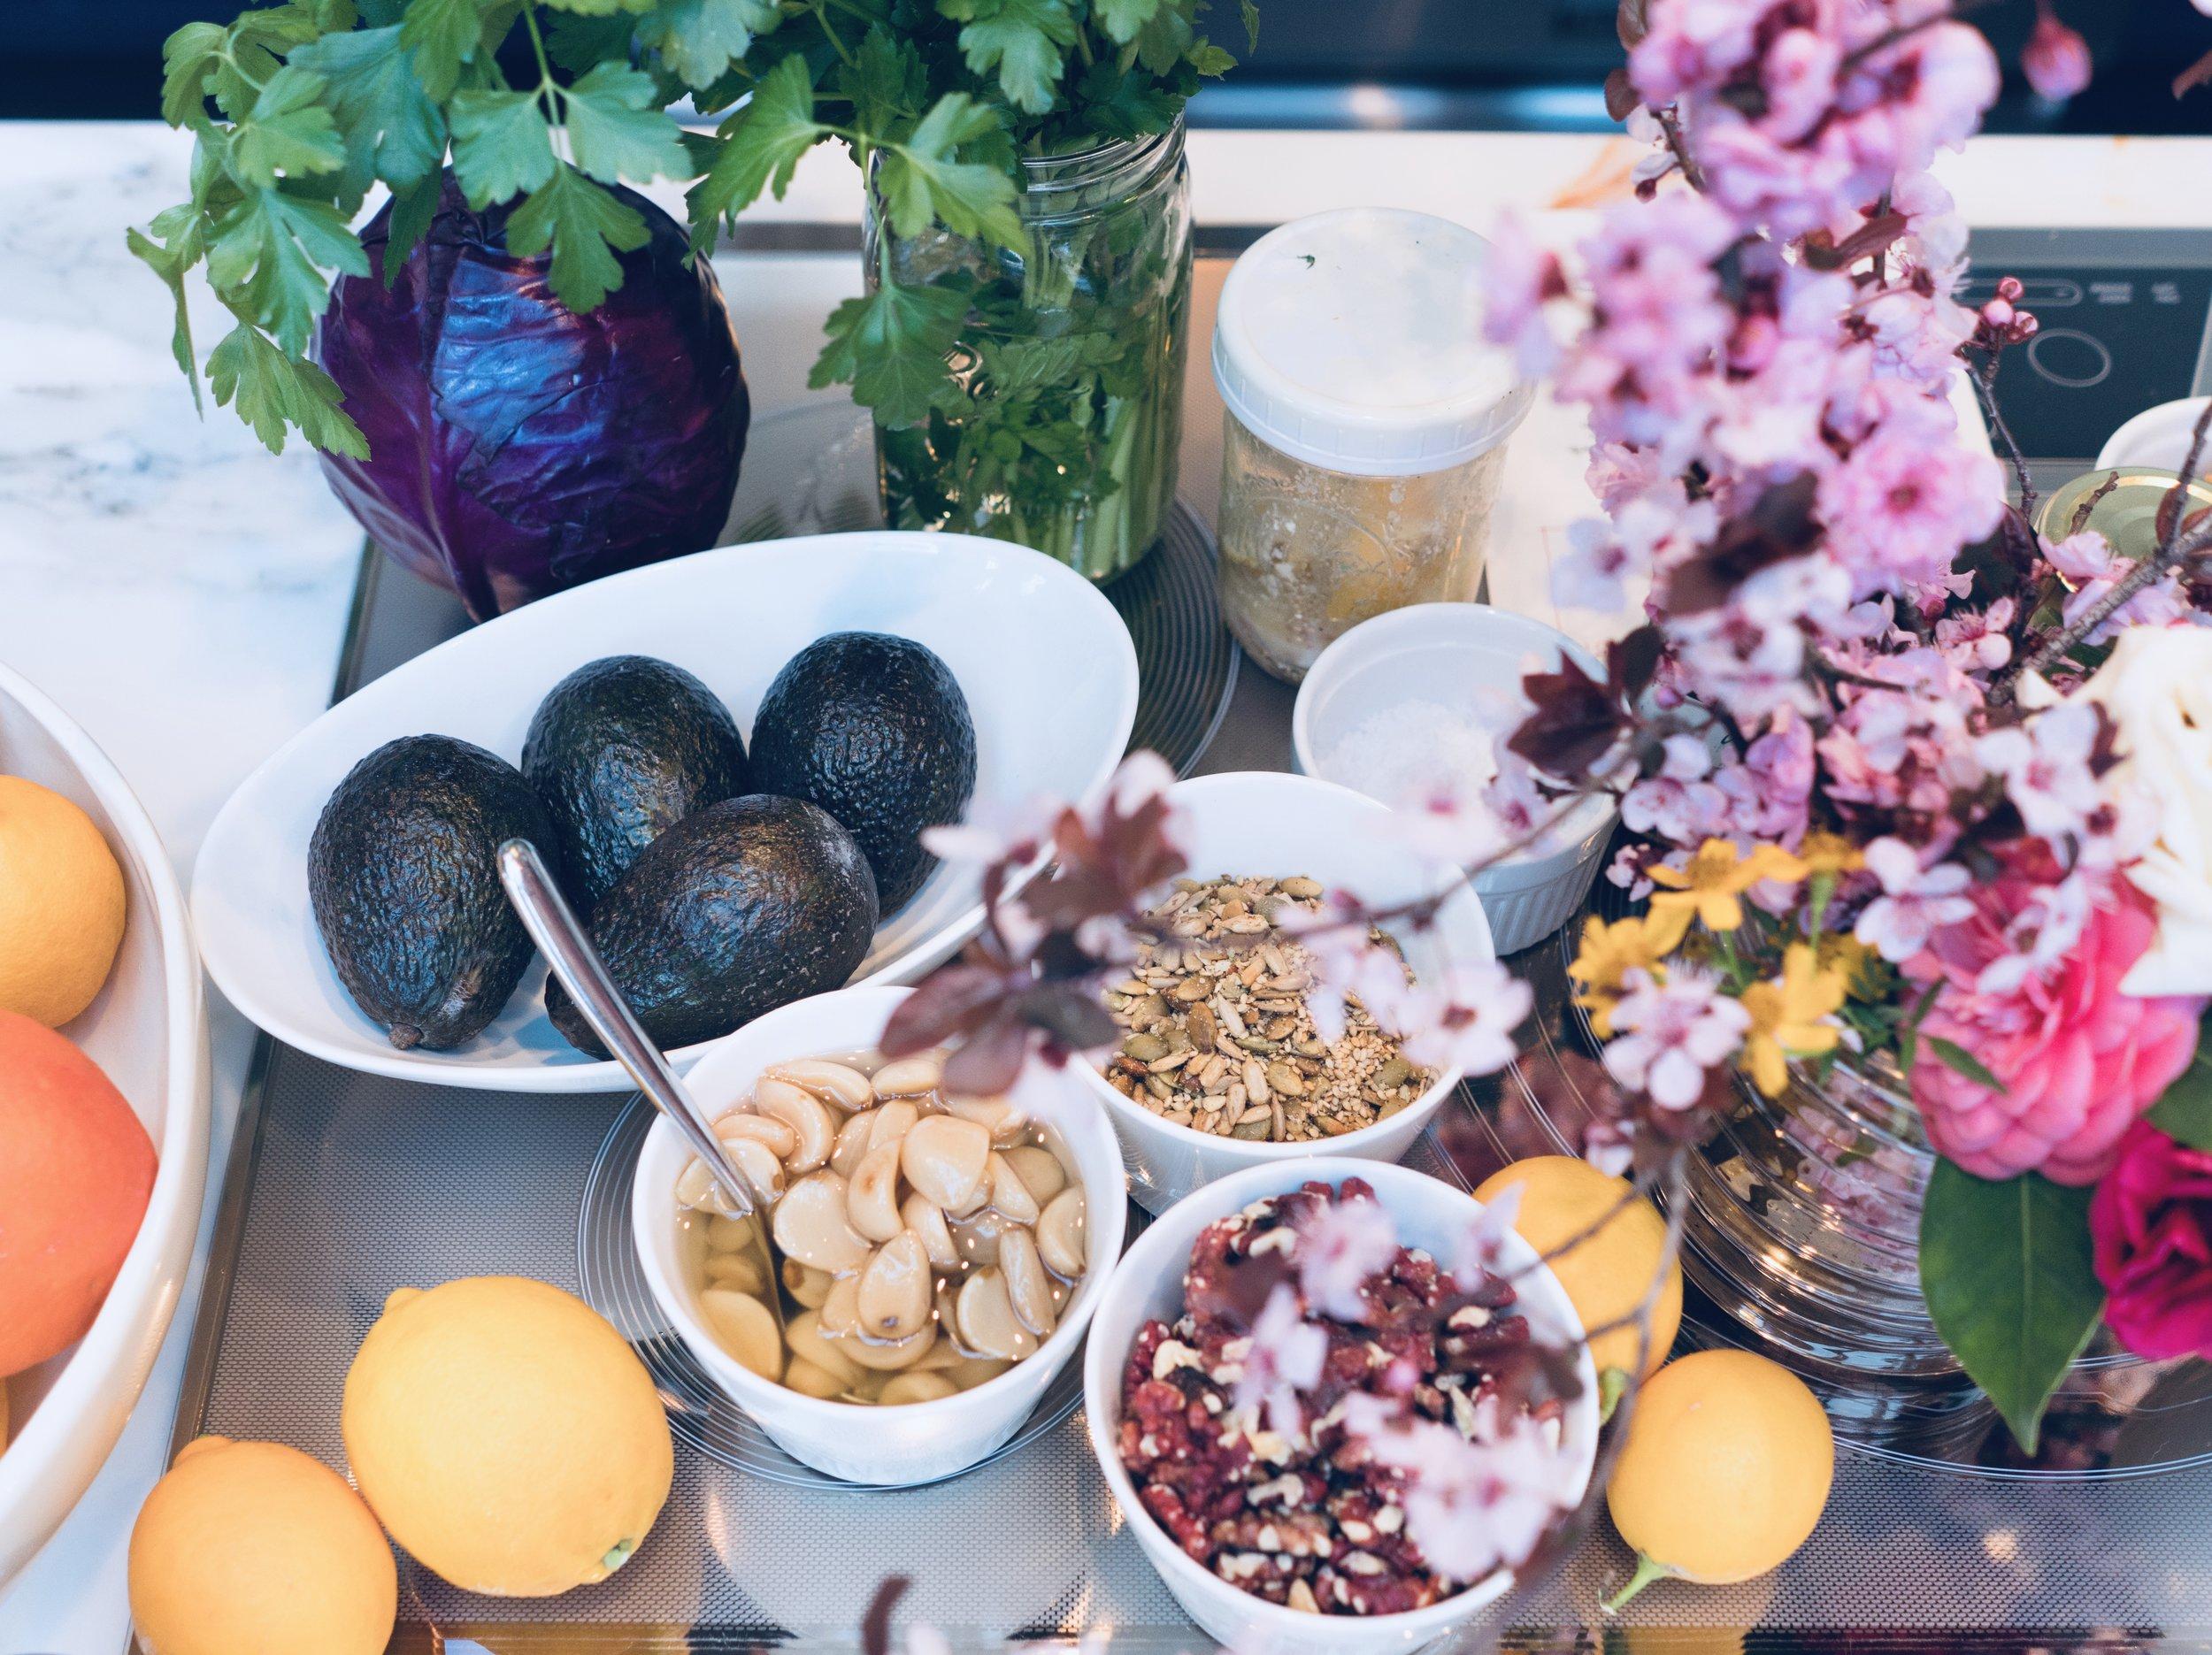 Dinner-party-ingredients.jpg